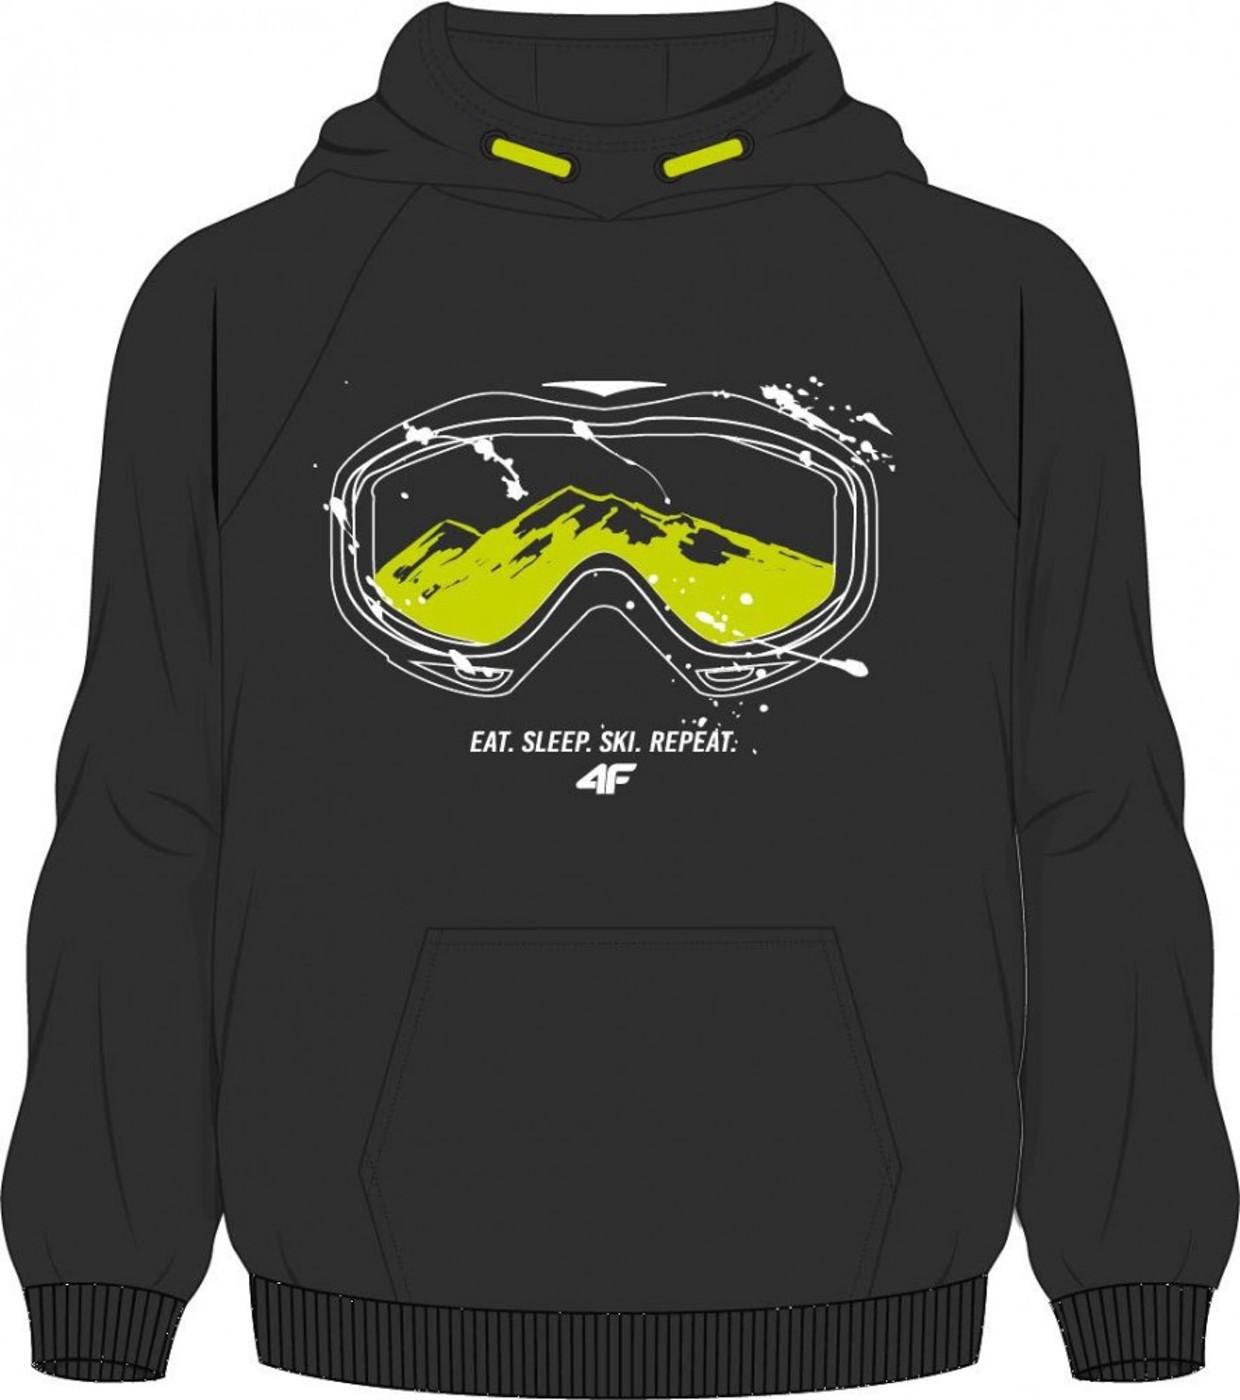 4F Kapuzensweater JBLM008 - Kinder